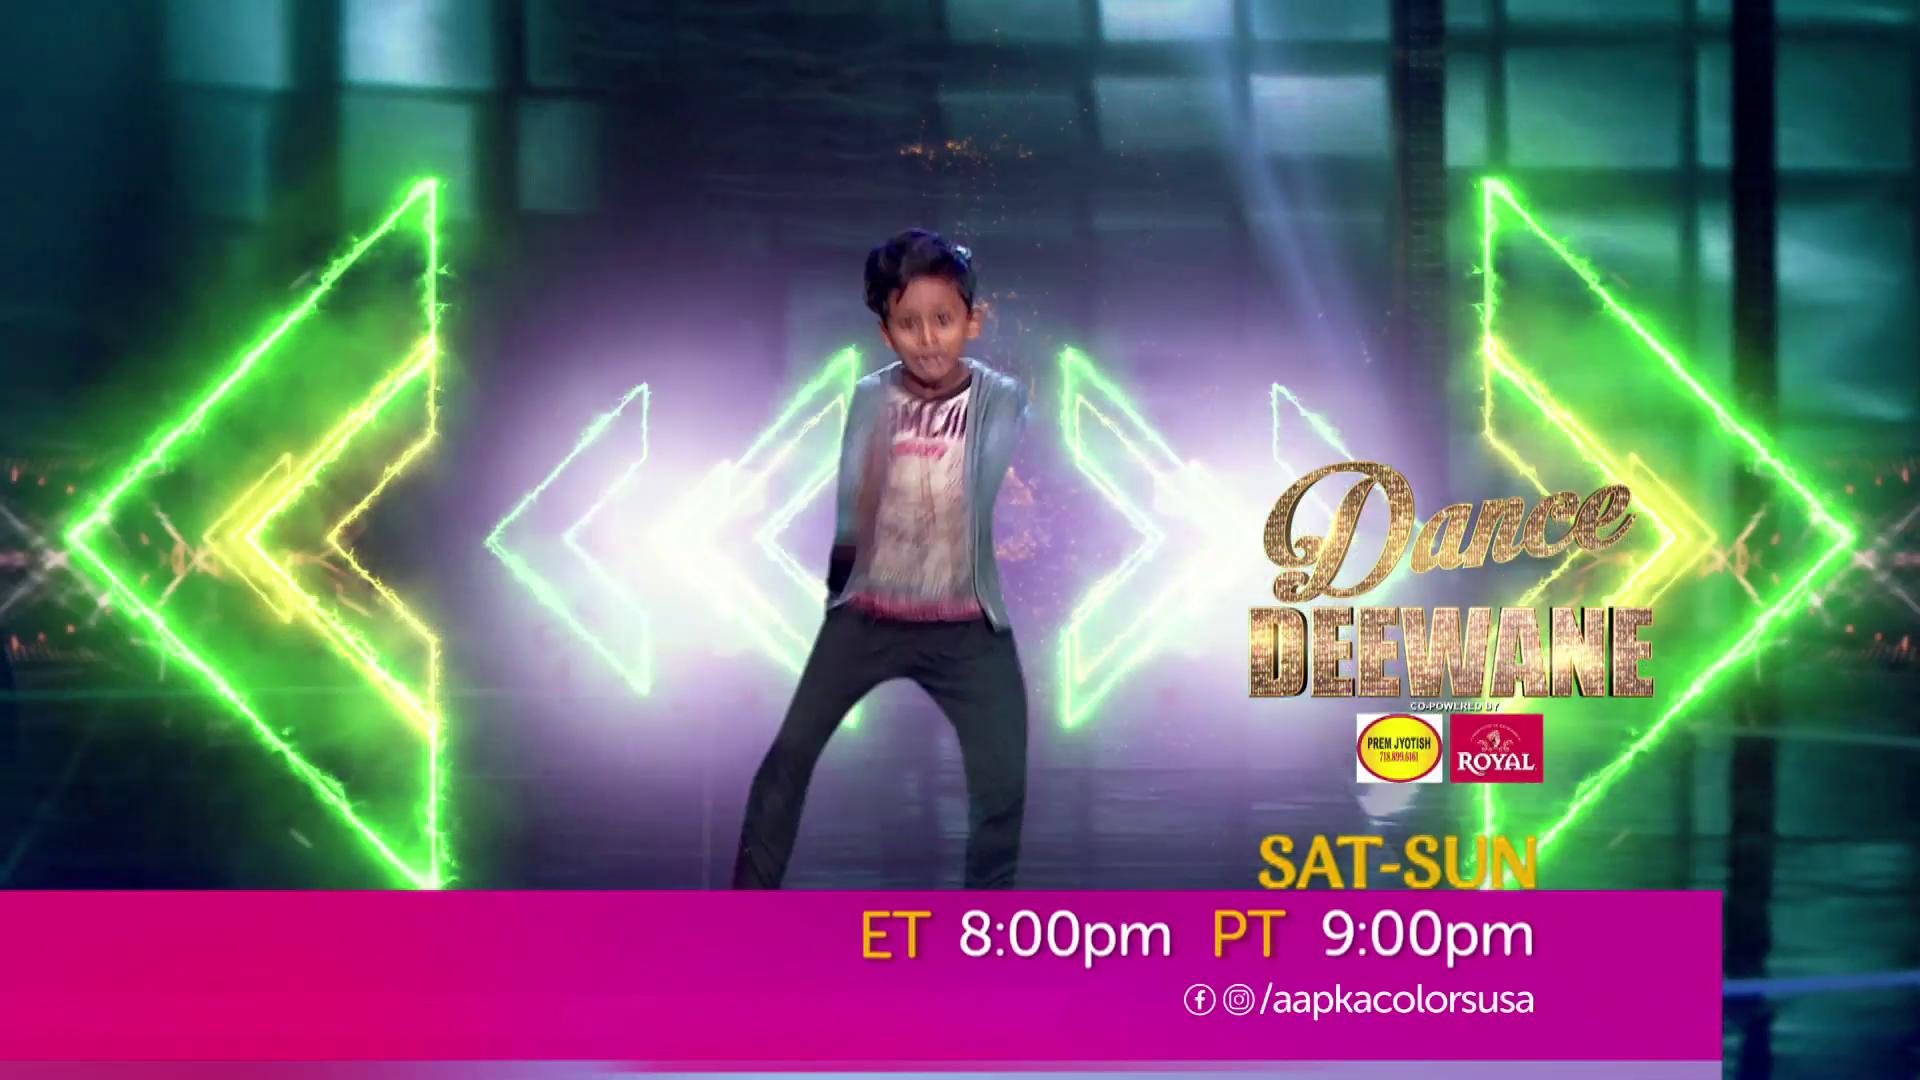 Watch Dance Deewane Sat-Sun ET 8:00pm PT 9:00pm on Aapkacolors